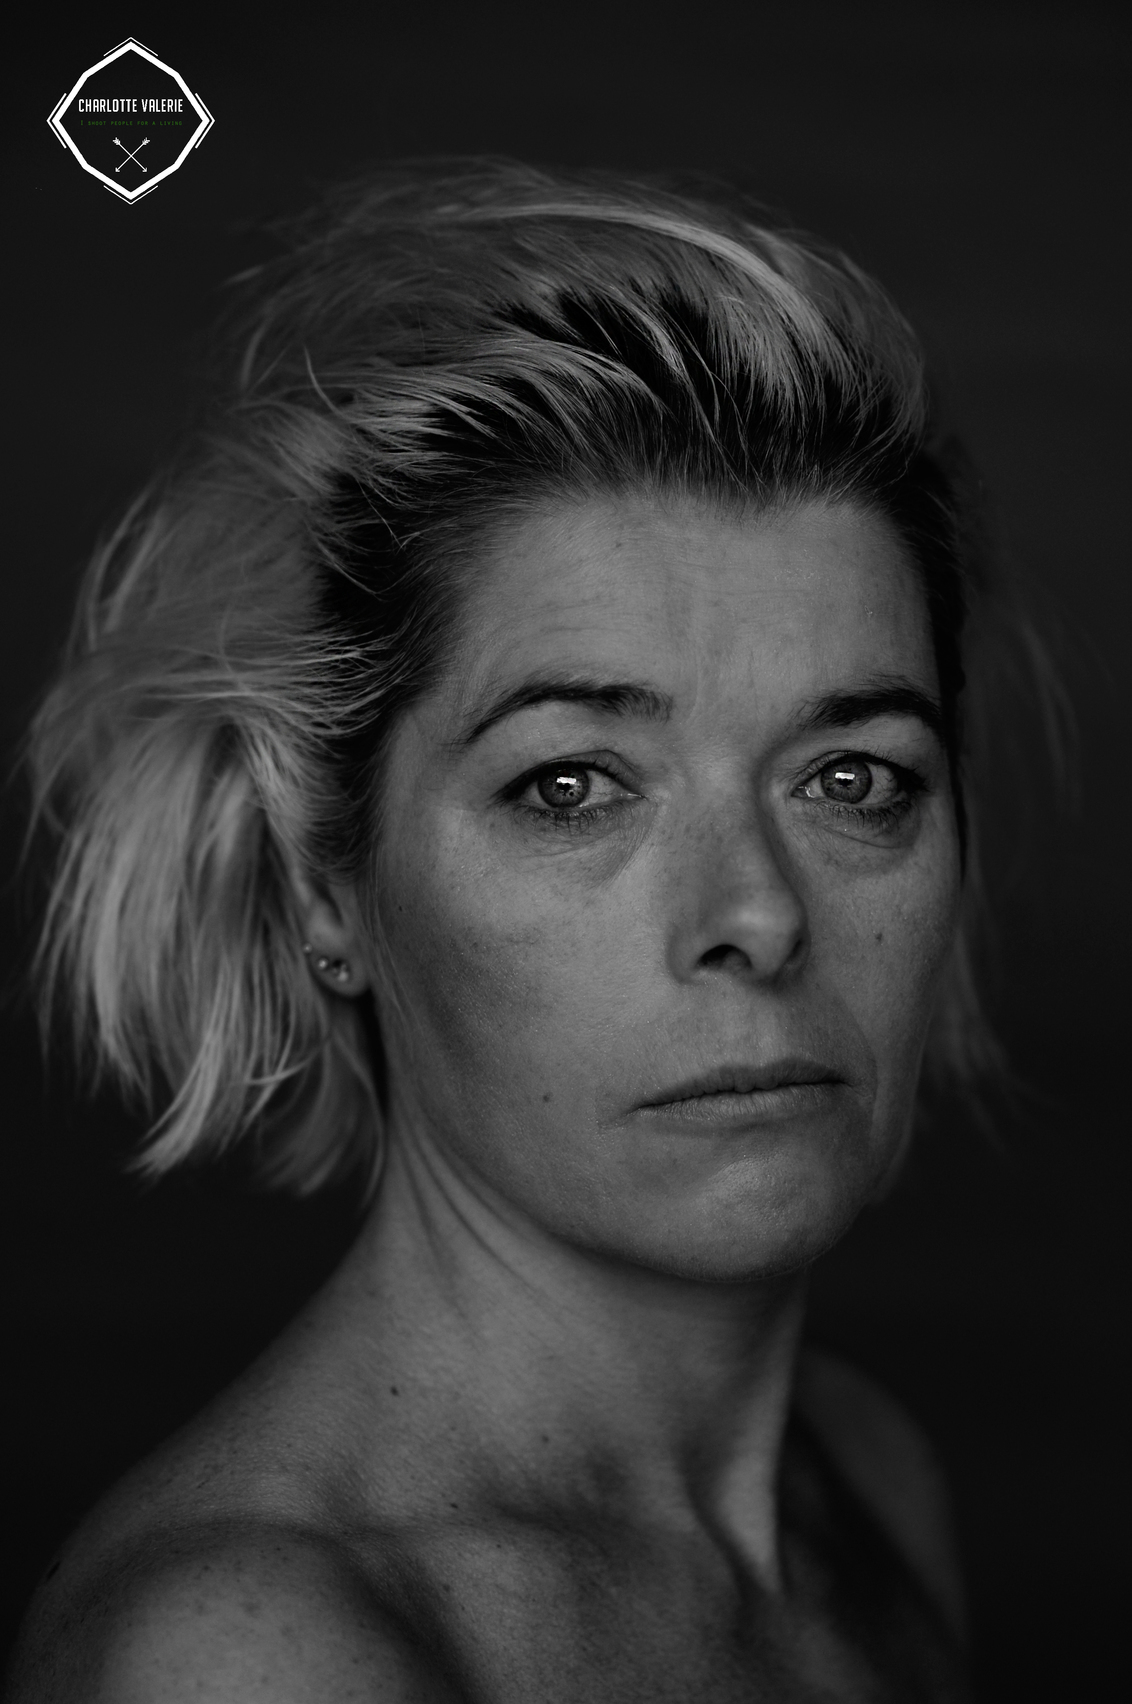 Ik ben vrij om te maken,dus dat doe ik ook - Made by Charlotte Valerie Feijen Zie ook mijn website: www.charlottevalerie.nl - foto door charlottevalerie op 19-03-2019 - deze foto bevat: vrouw, donker, licht, portret, daglicht, ogen, zwartwit, emotie, photoshop, fotoshoot